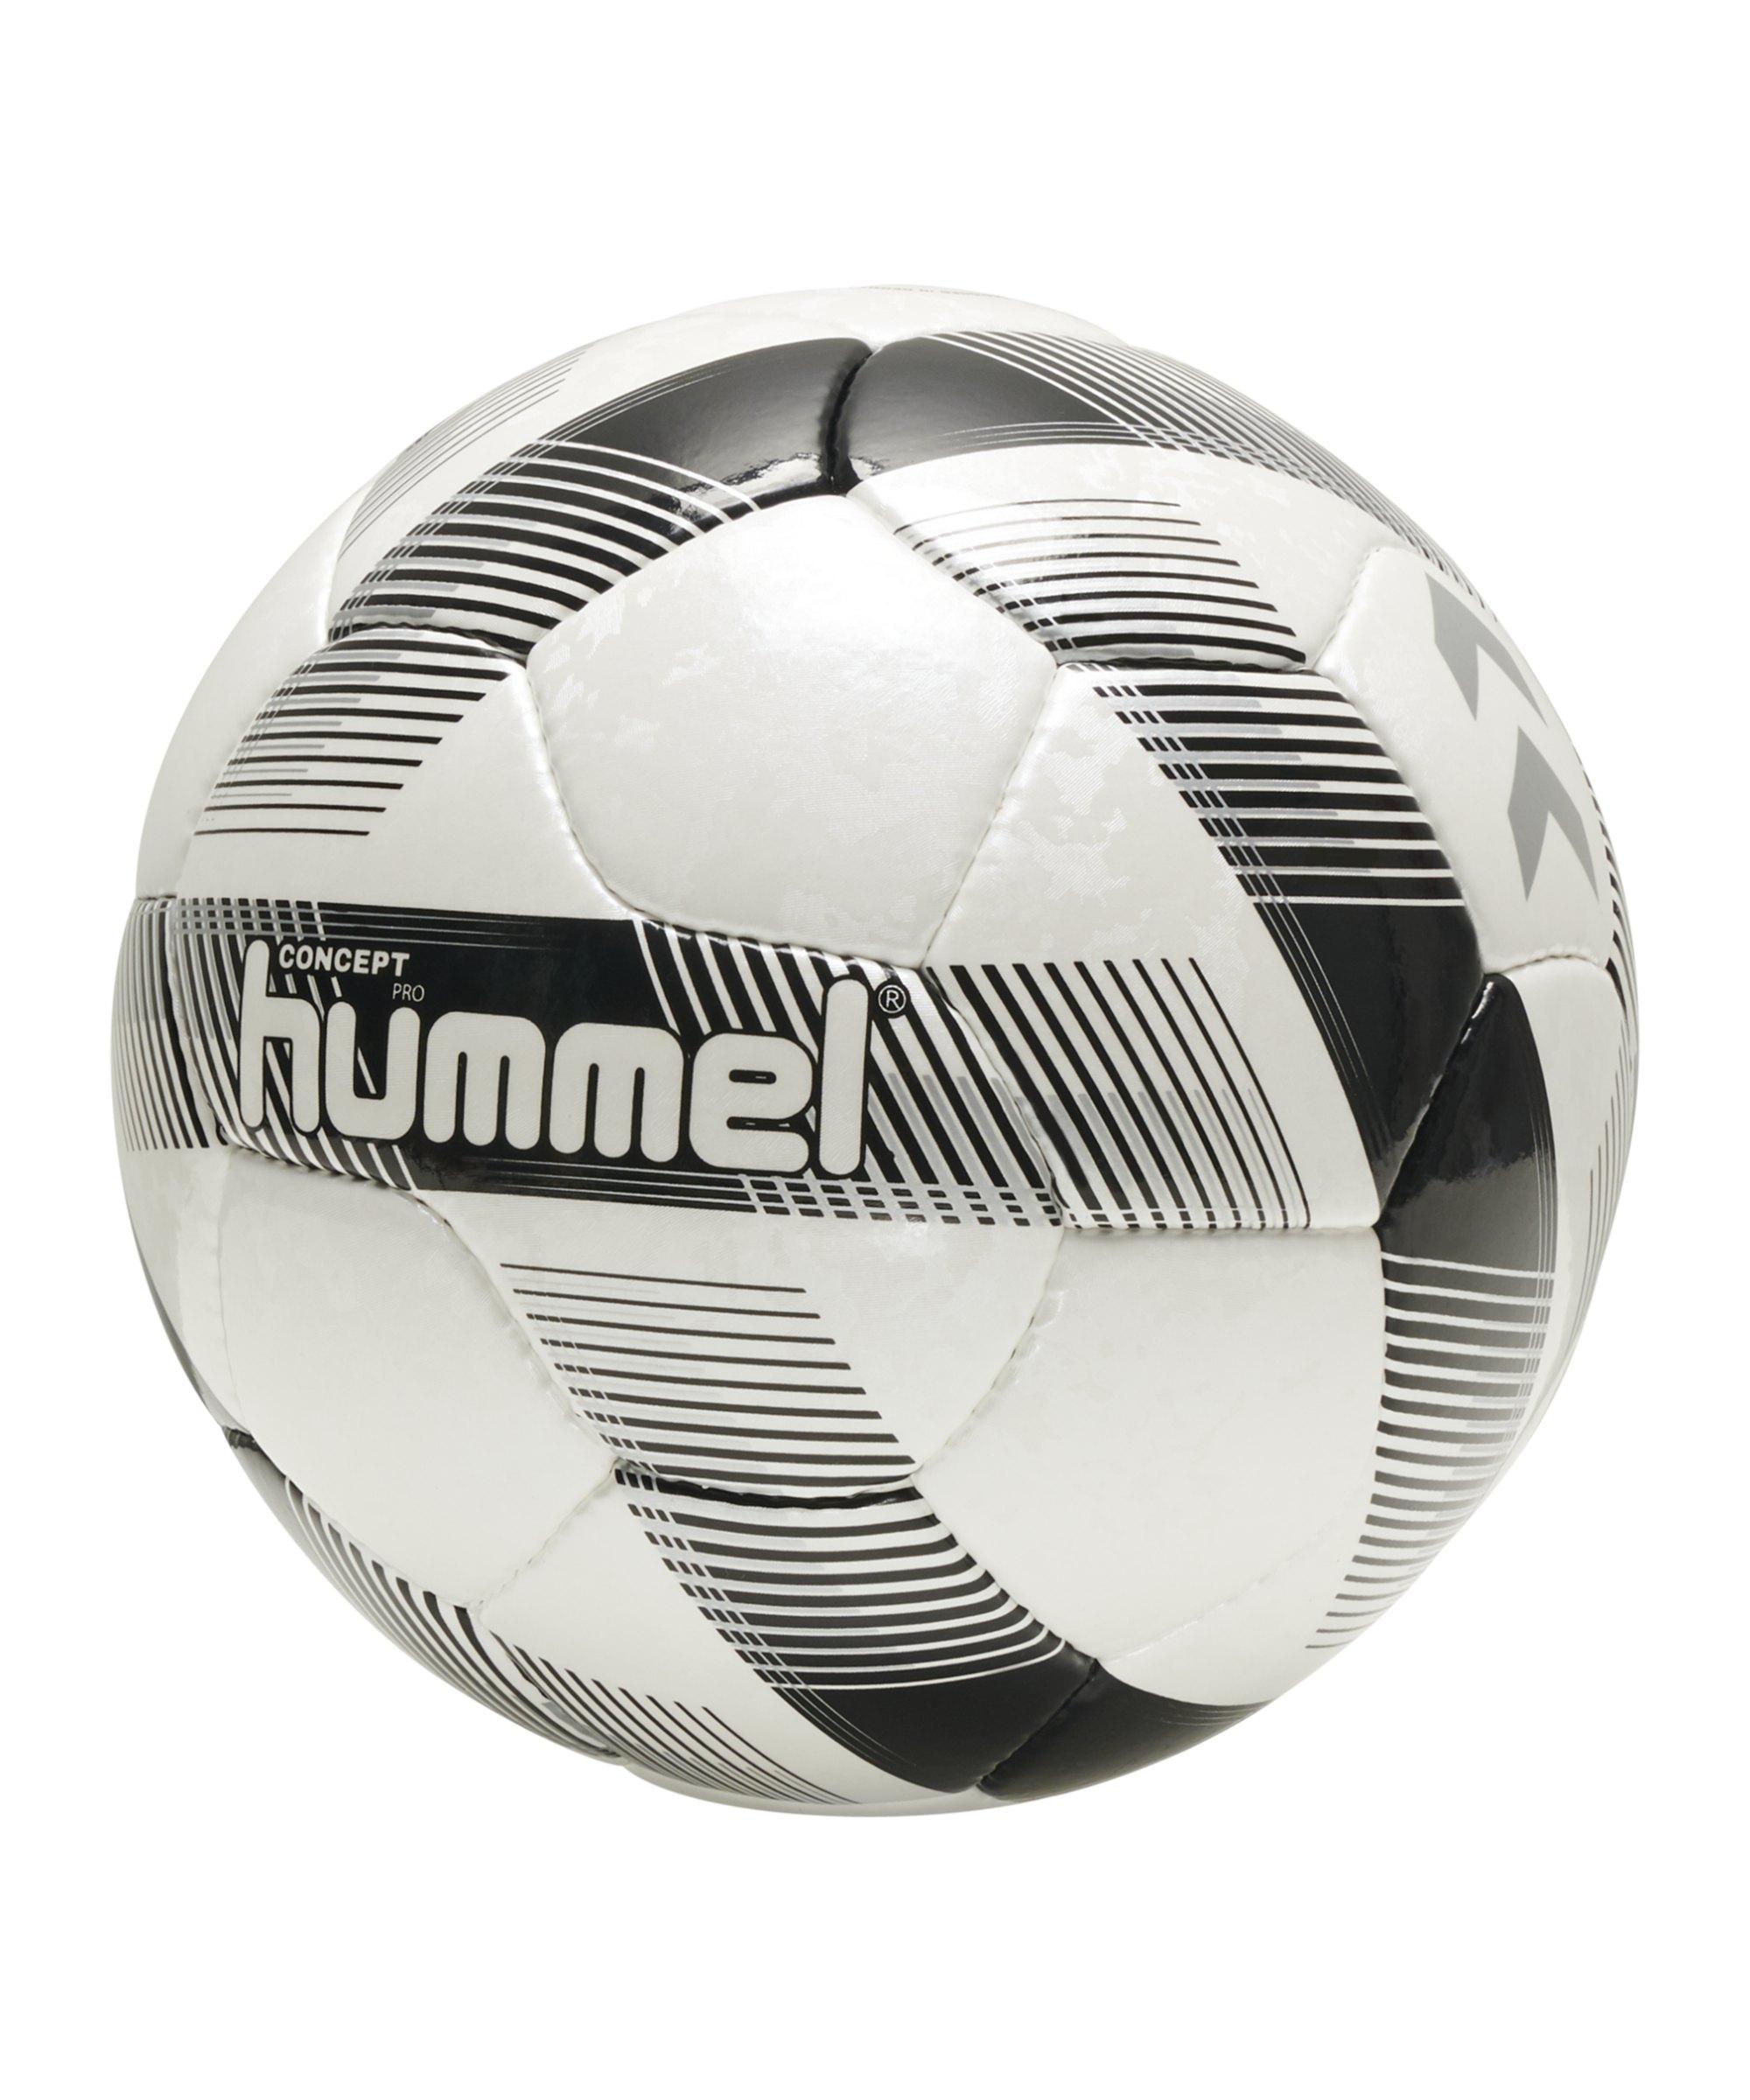 Hummel Concept Pro Spielball Weiss F9021 - Weiss